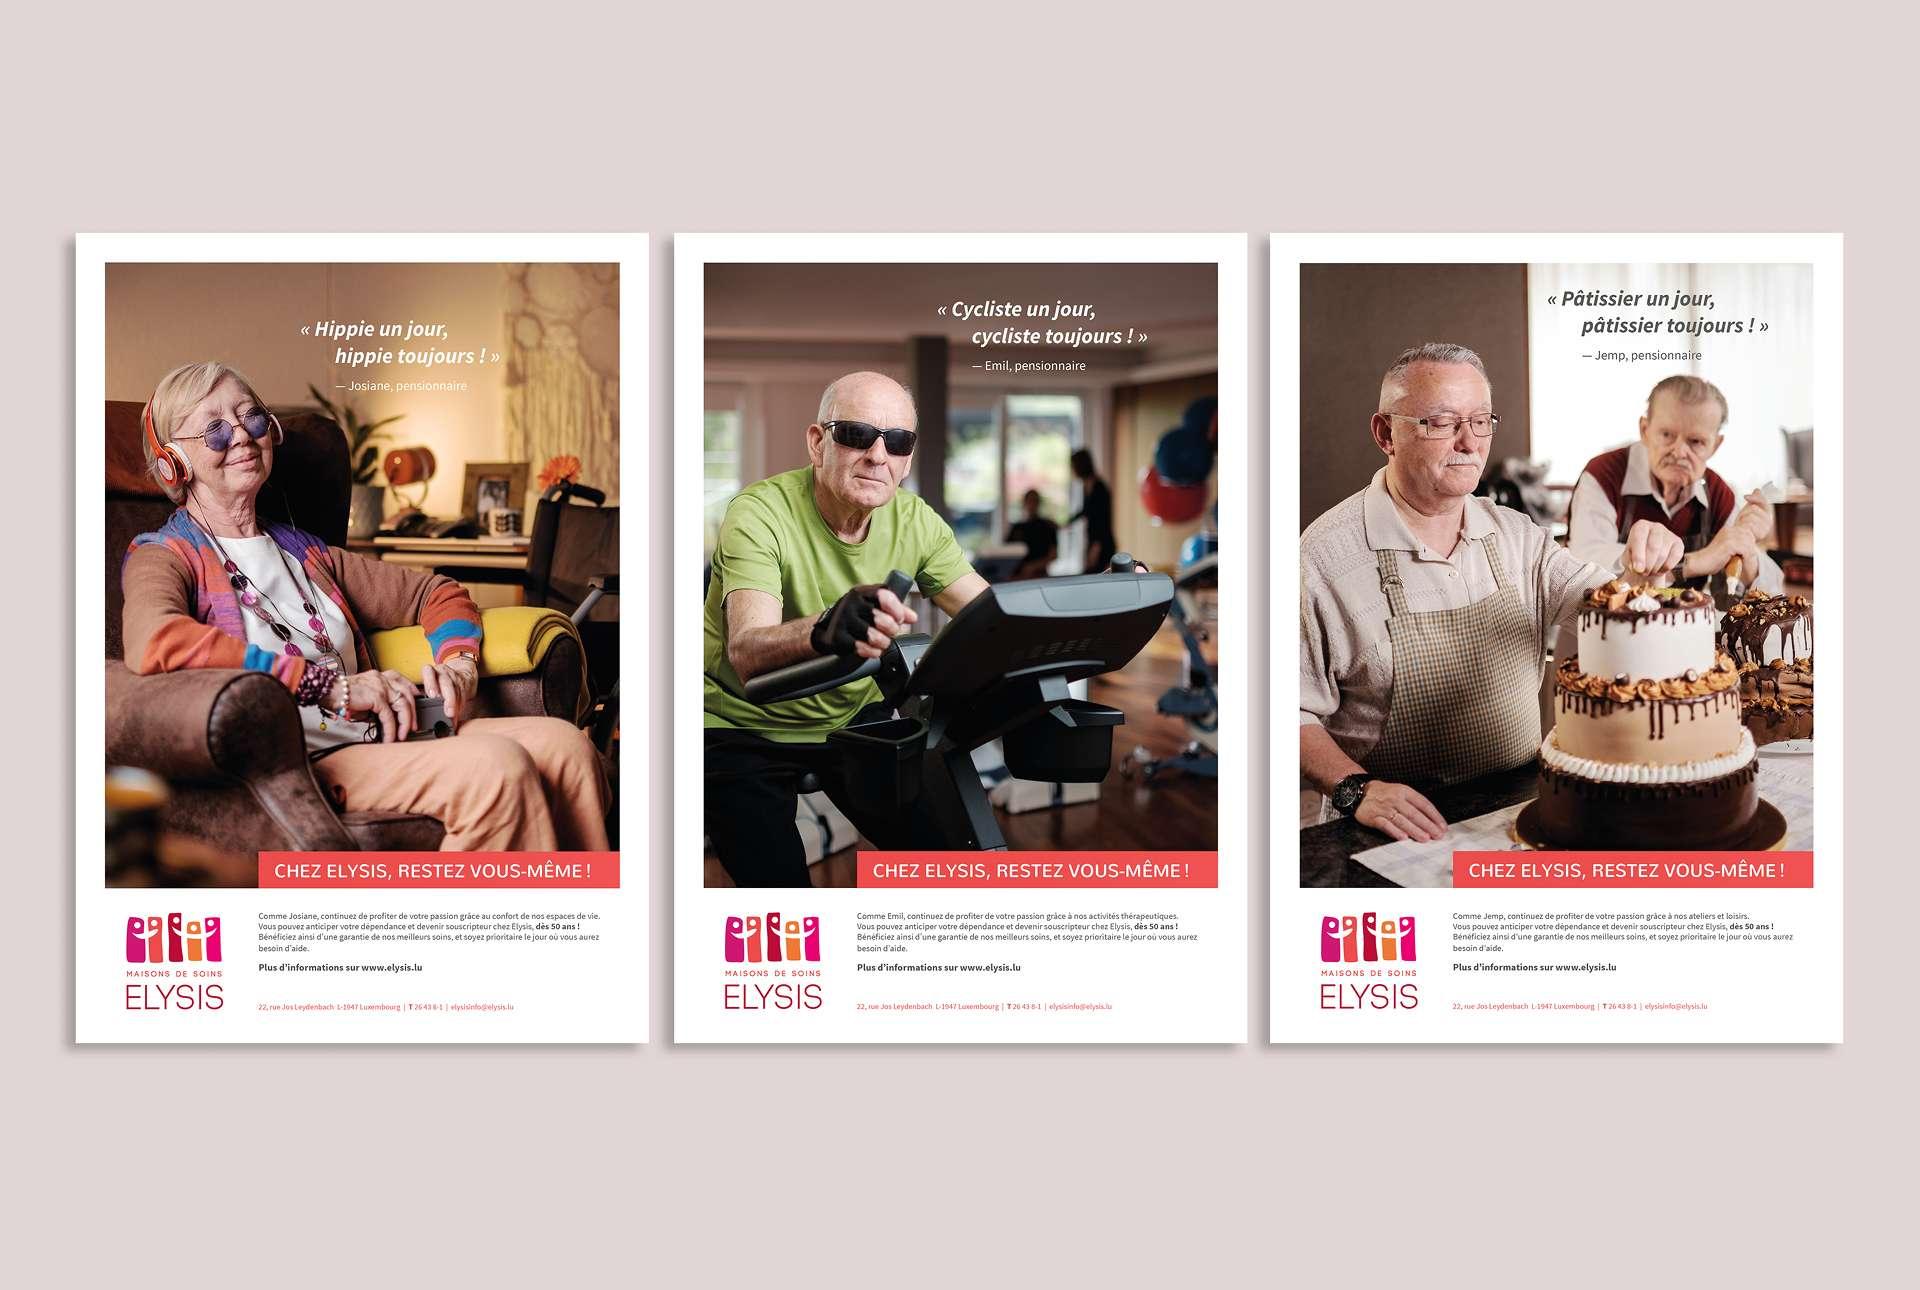 Visuel de la campagne de souscription pour Elysis, maison de soin au Luxembourg